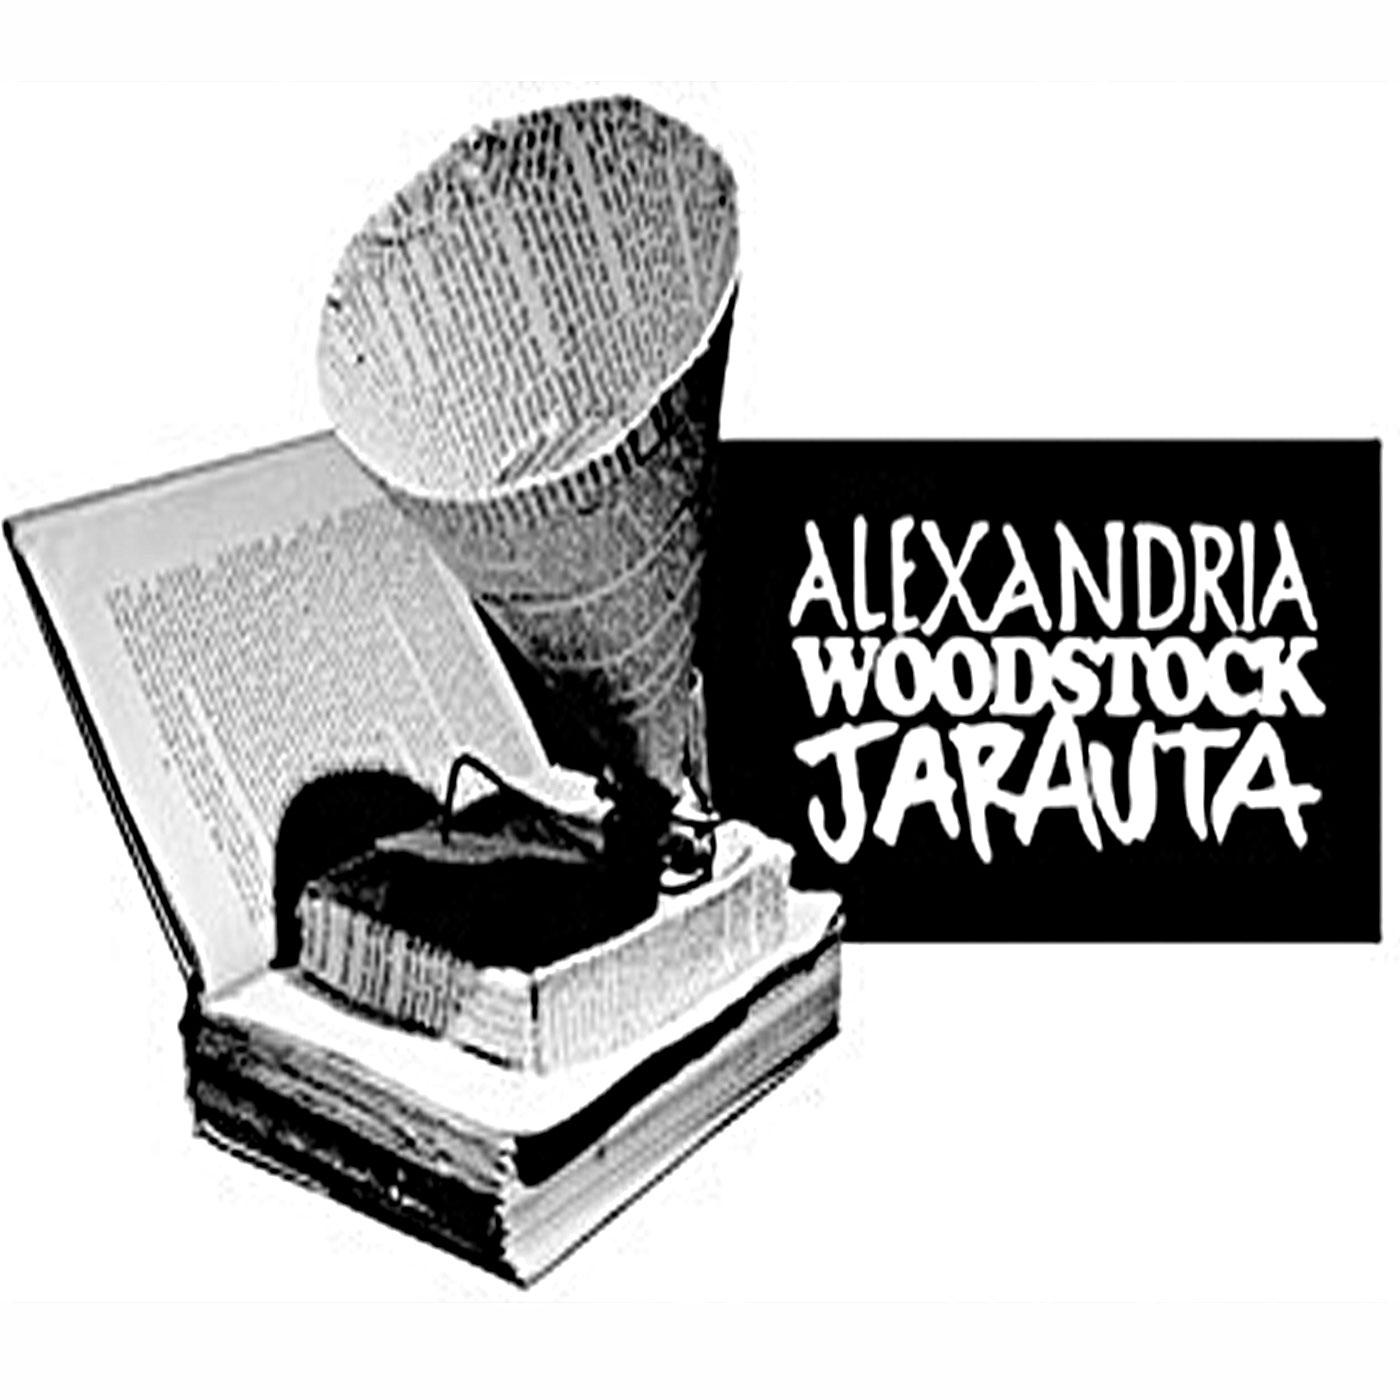 Alejandria-woodstock-jarauta – Eguzki irratia